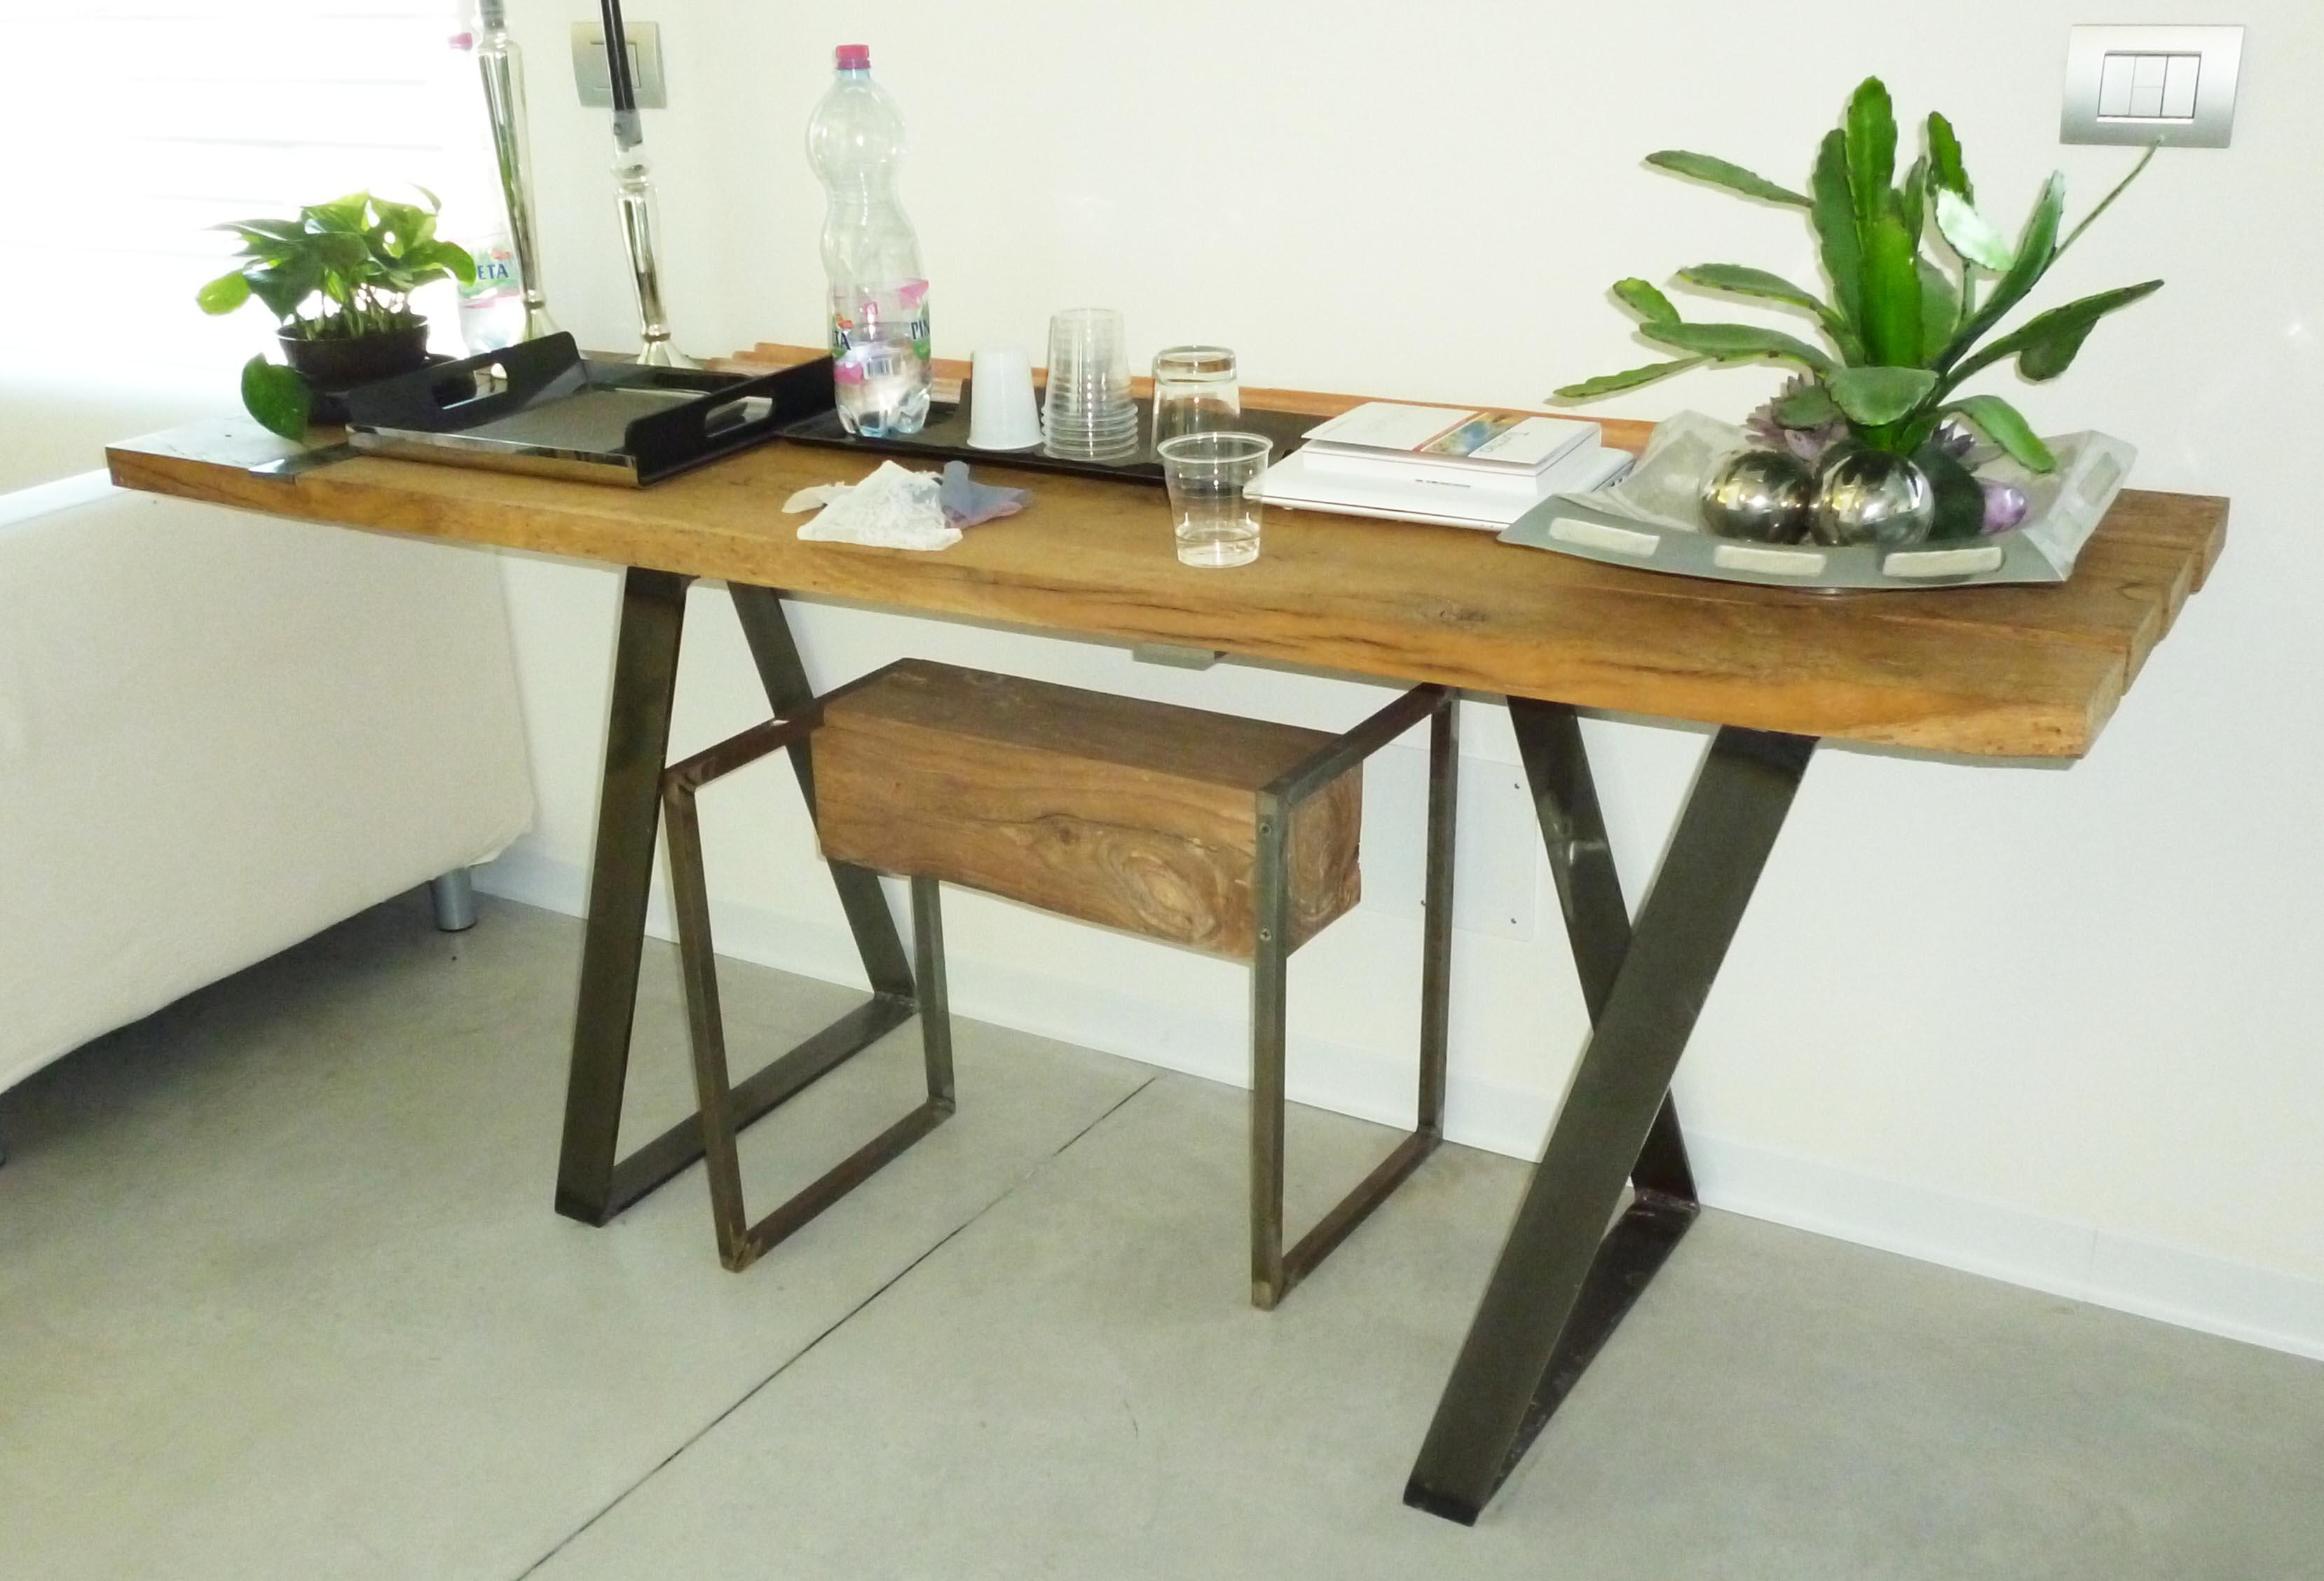 produzione e vendita tavoli da arredamento e design